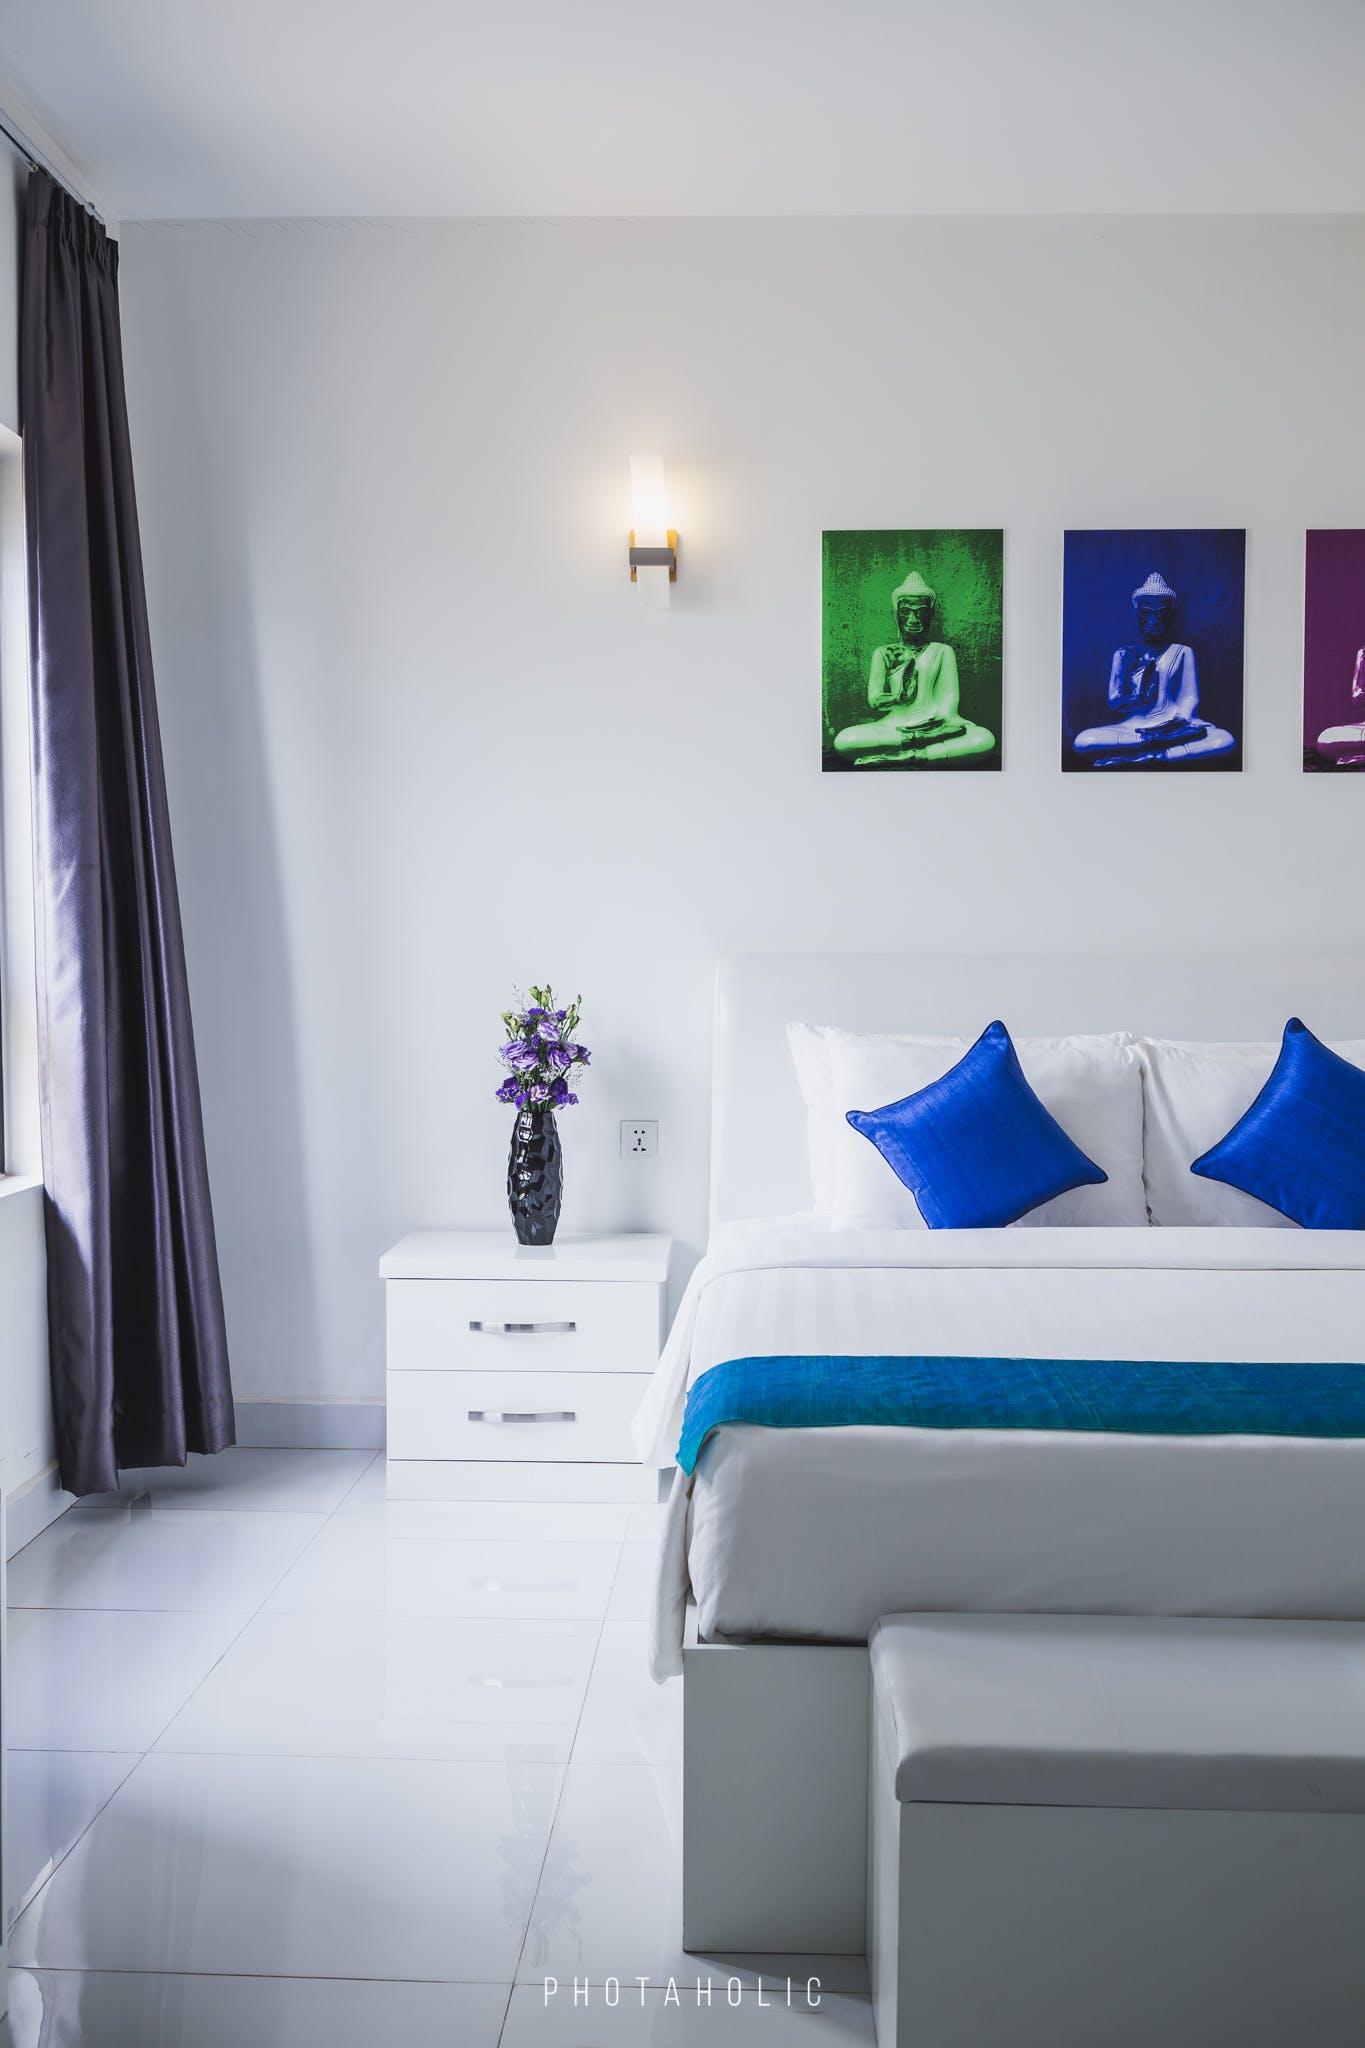 Gratis lagerfoto af boligindretning, fotografi, hoteller, interiør